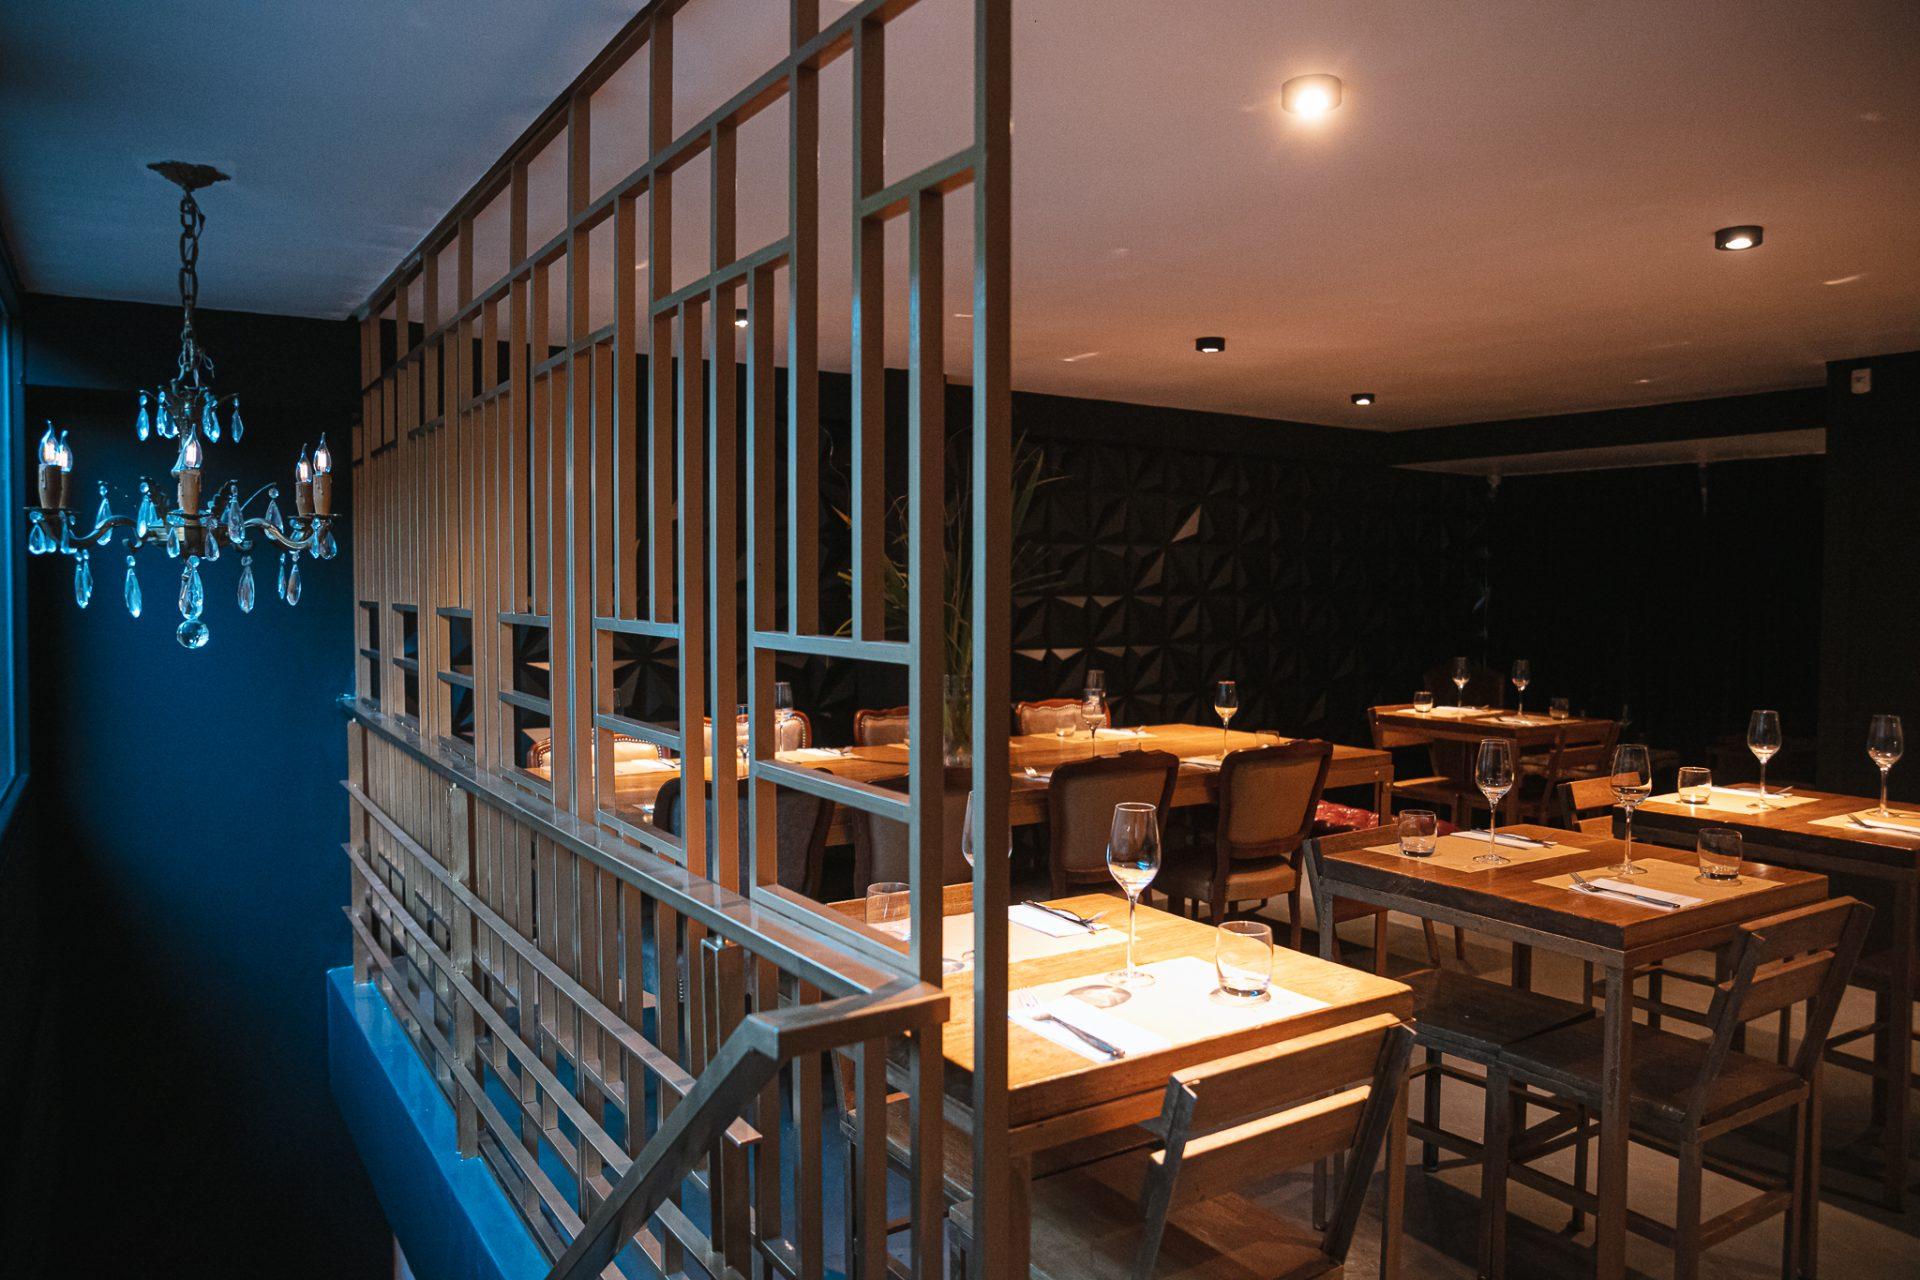 Sector de mesas del bar Vico Villa Crespo.